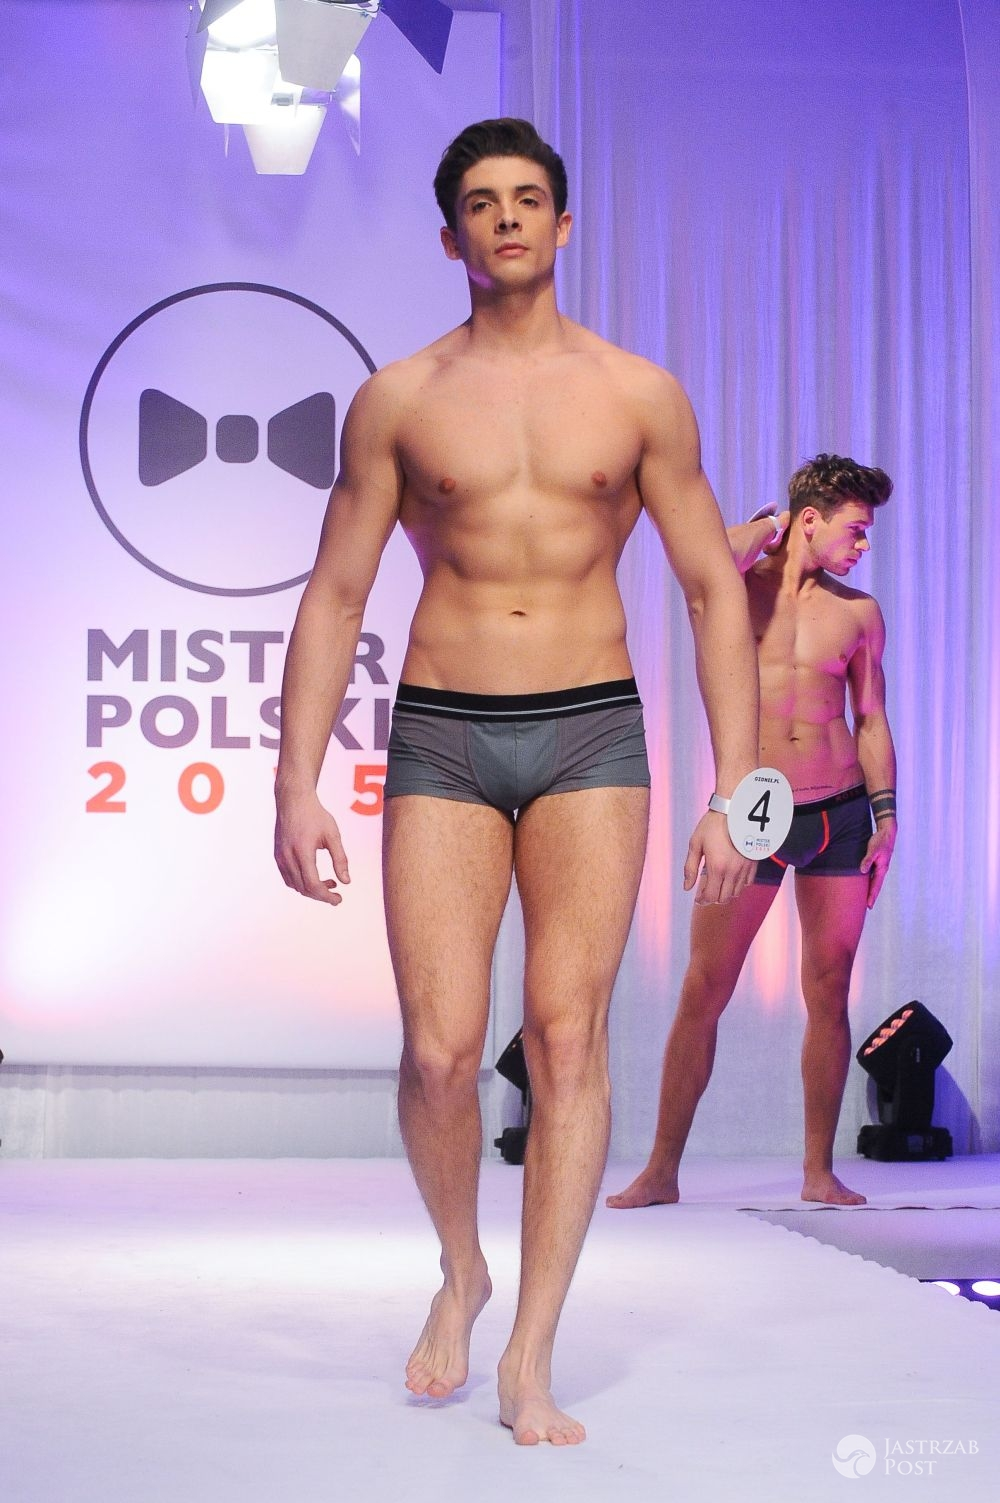 Mister Polski 2015: Zobacz, jak prezentowali się kandydaci na gali finałowej [GALERIA] - Adrian Waligóra – gala finałowa wyborów Mistera Polski 2015